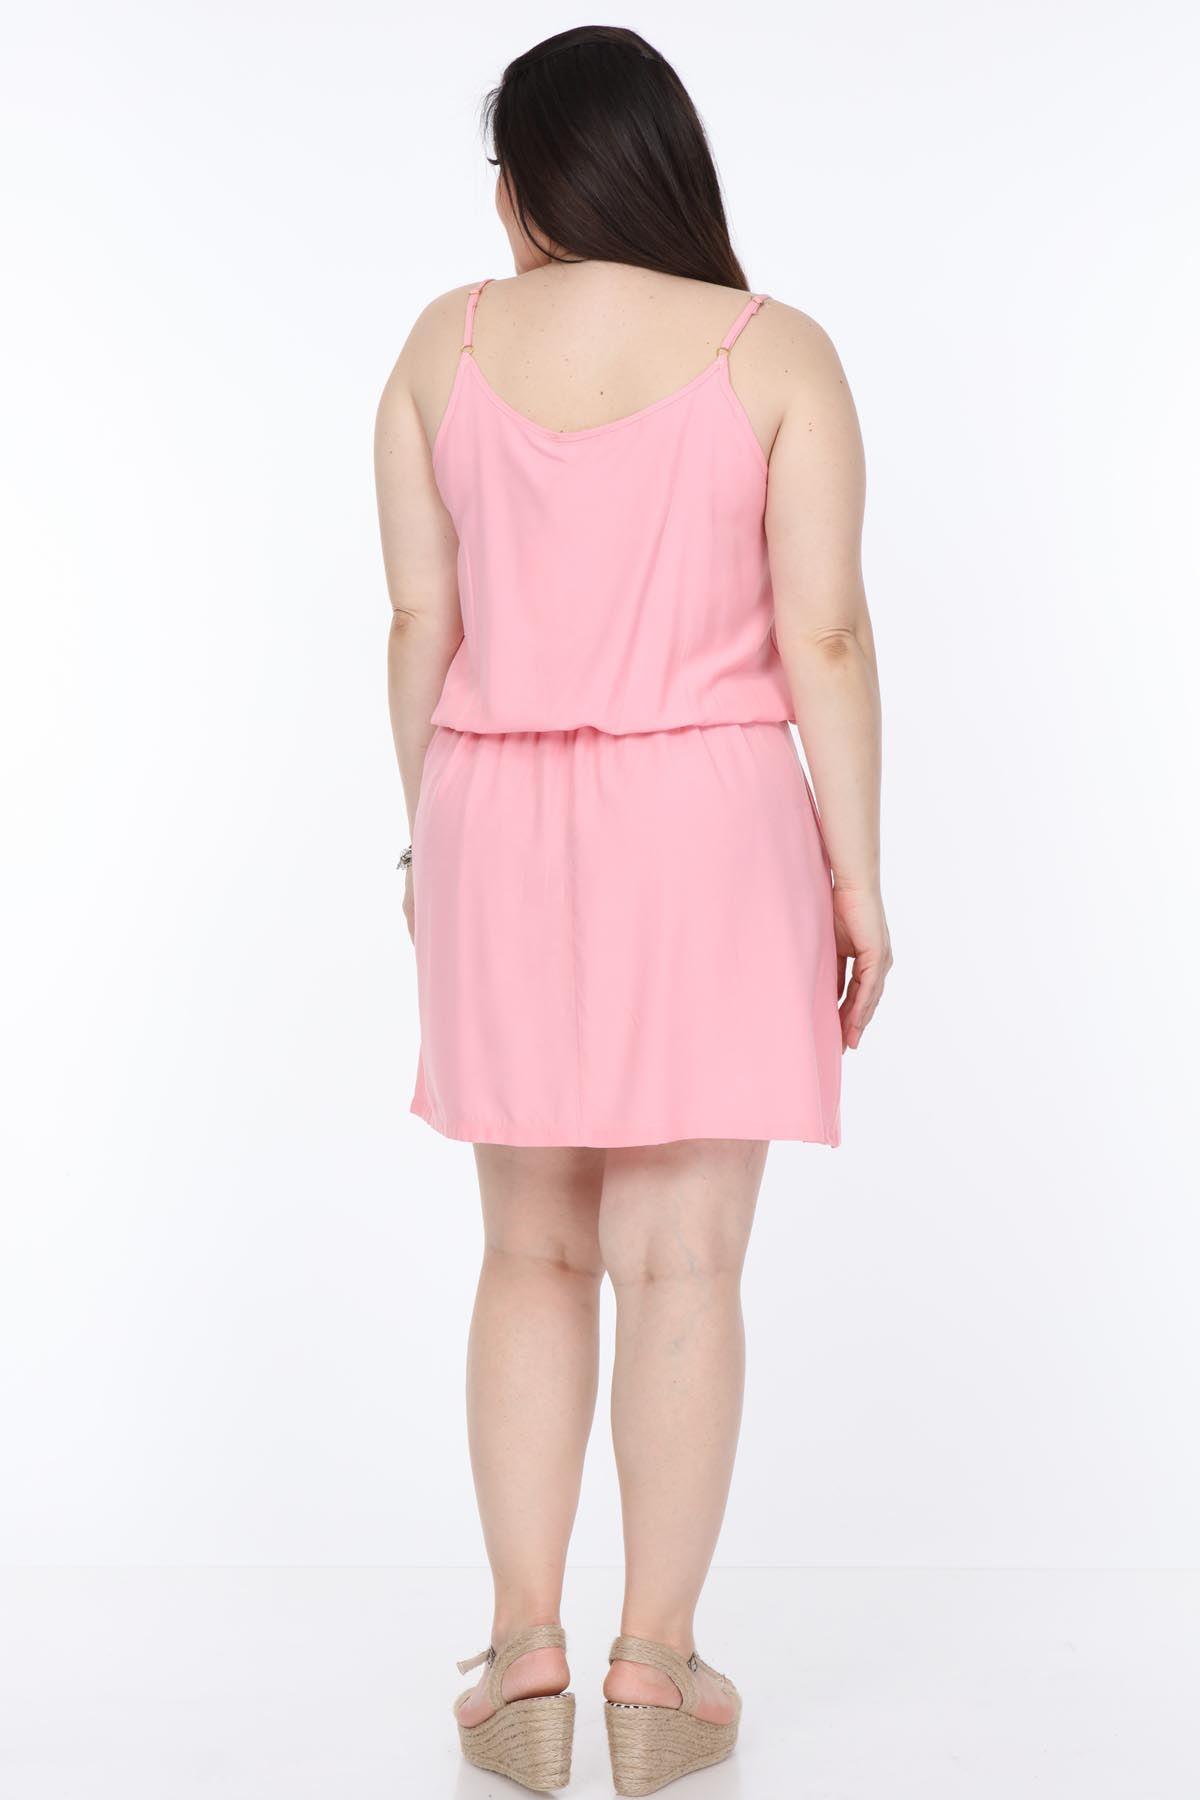 Pembe Askılı Büyük Beden Elbise 25A-1102